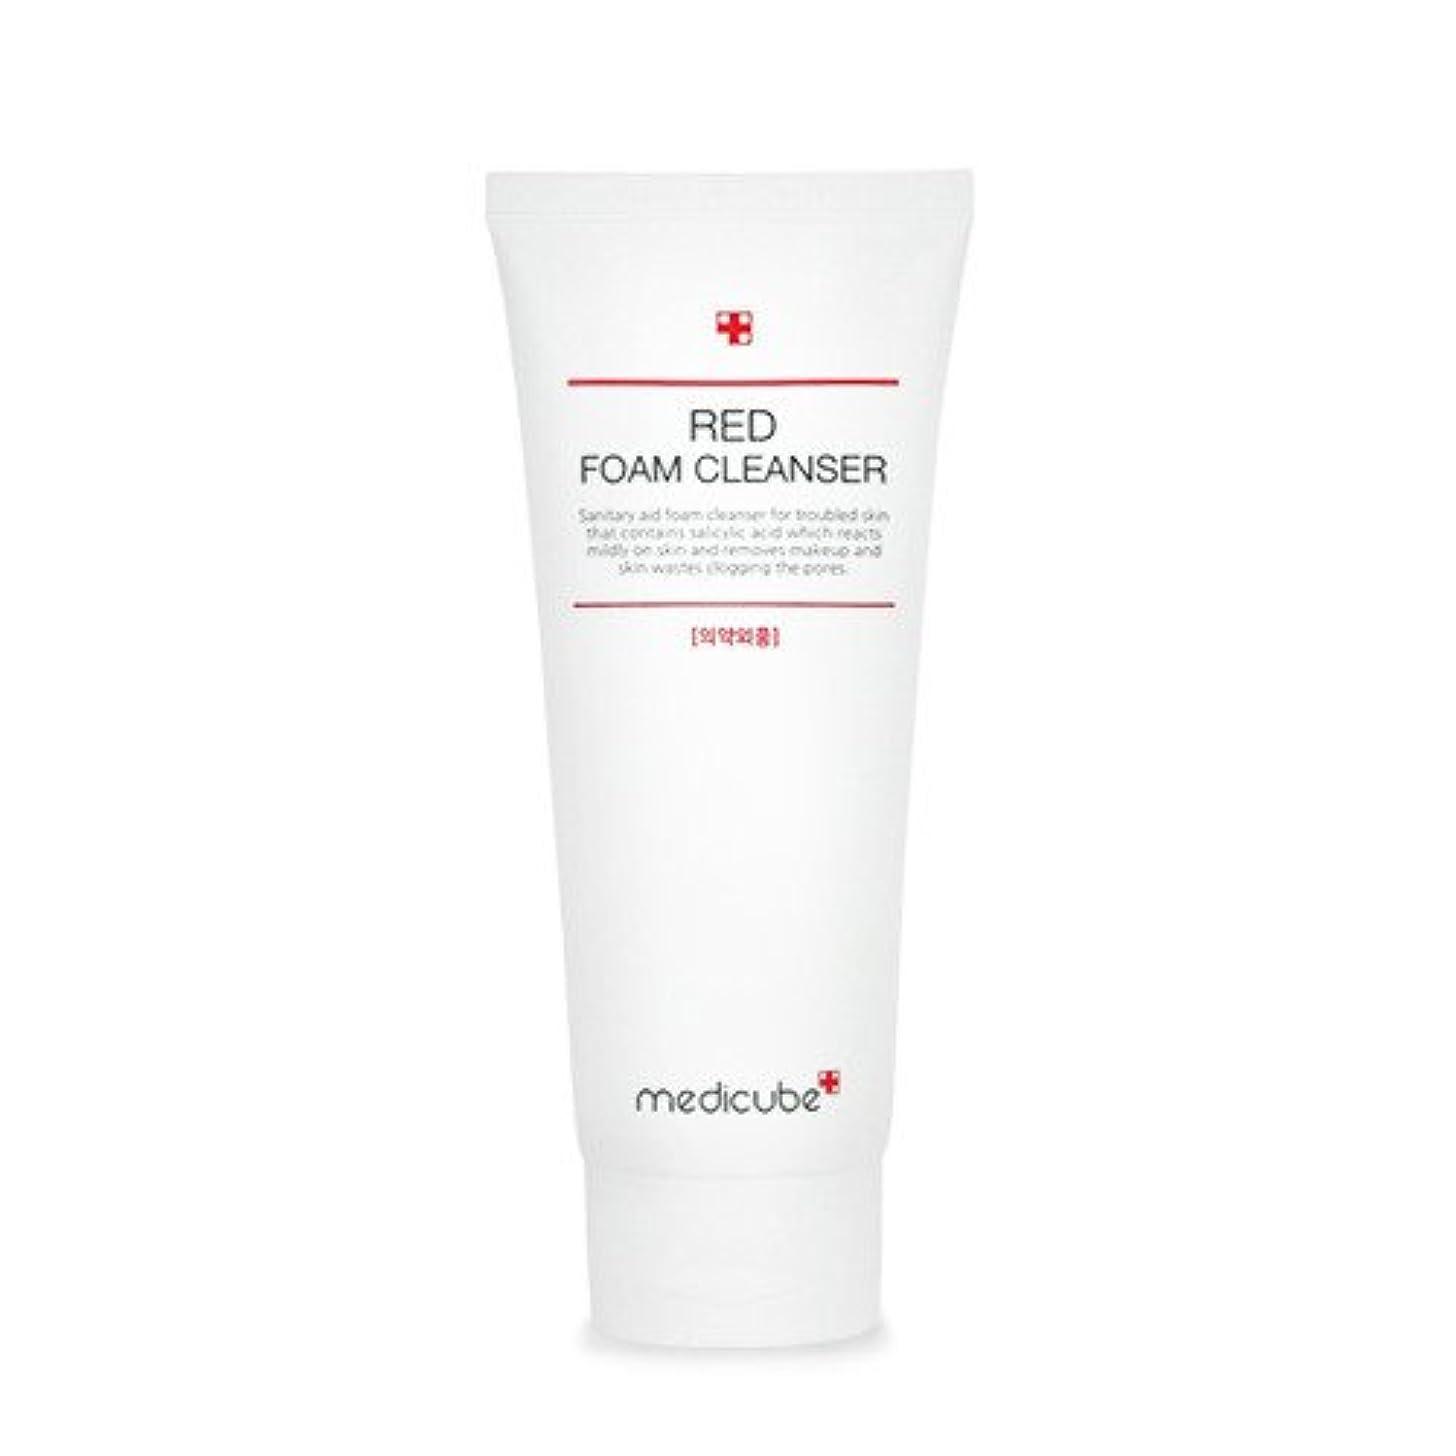 ページェントペデスタル旧正月[Medicube]Red Foam Cleanser 120ml / メディキューブレッドクレンジングフォーム / 正品?海外直送商品 [並行輸入品]